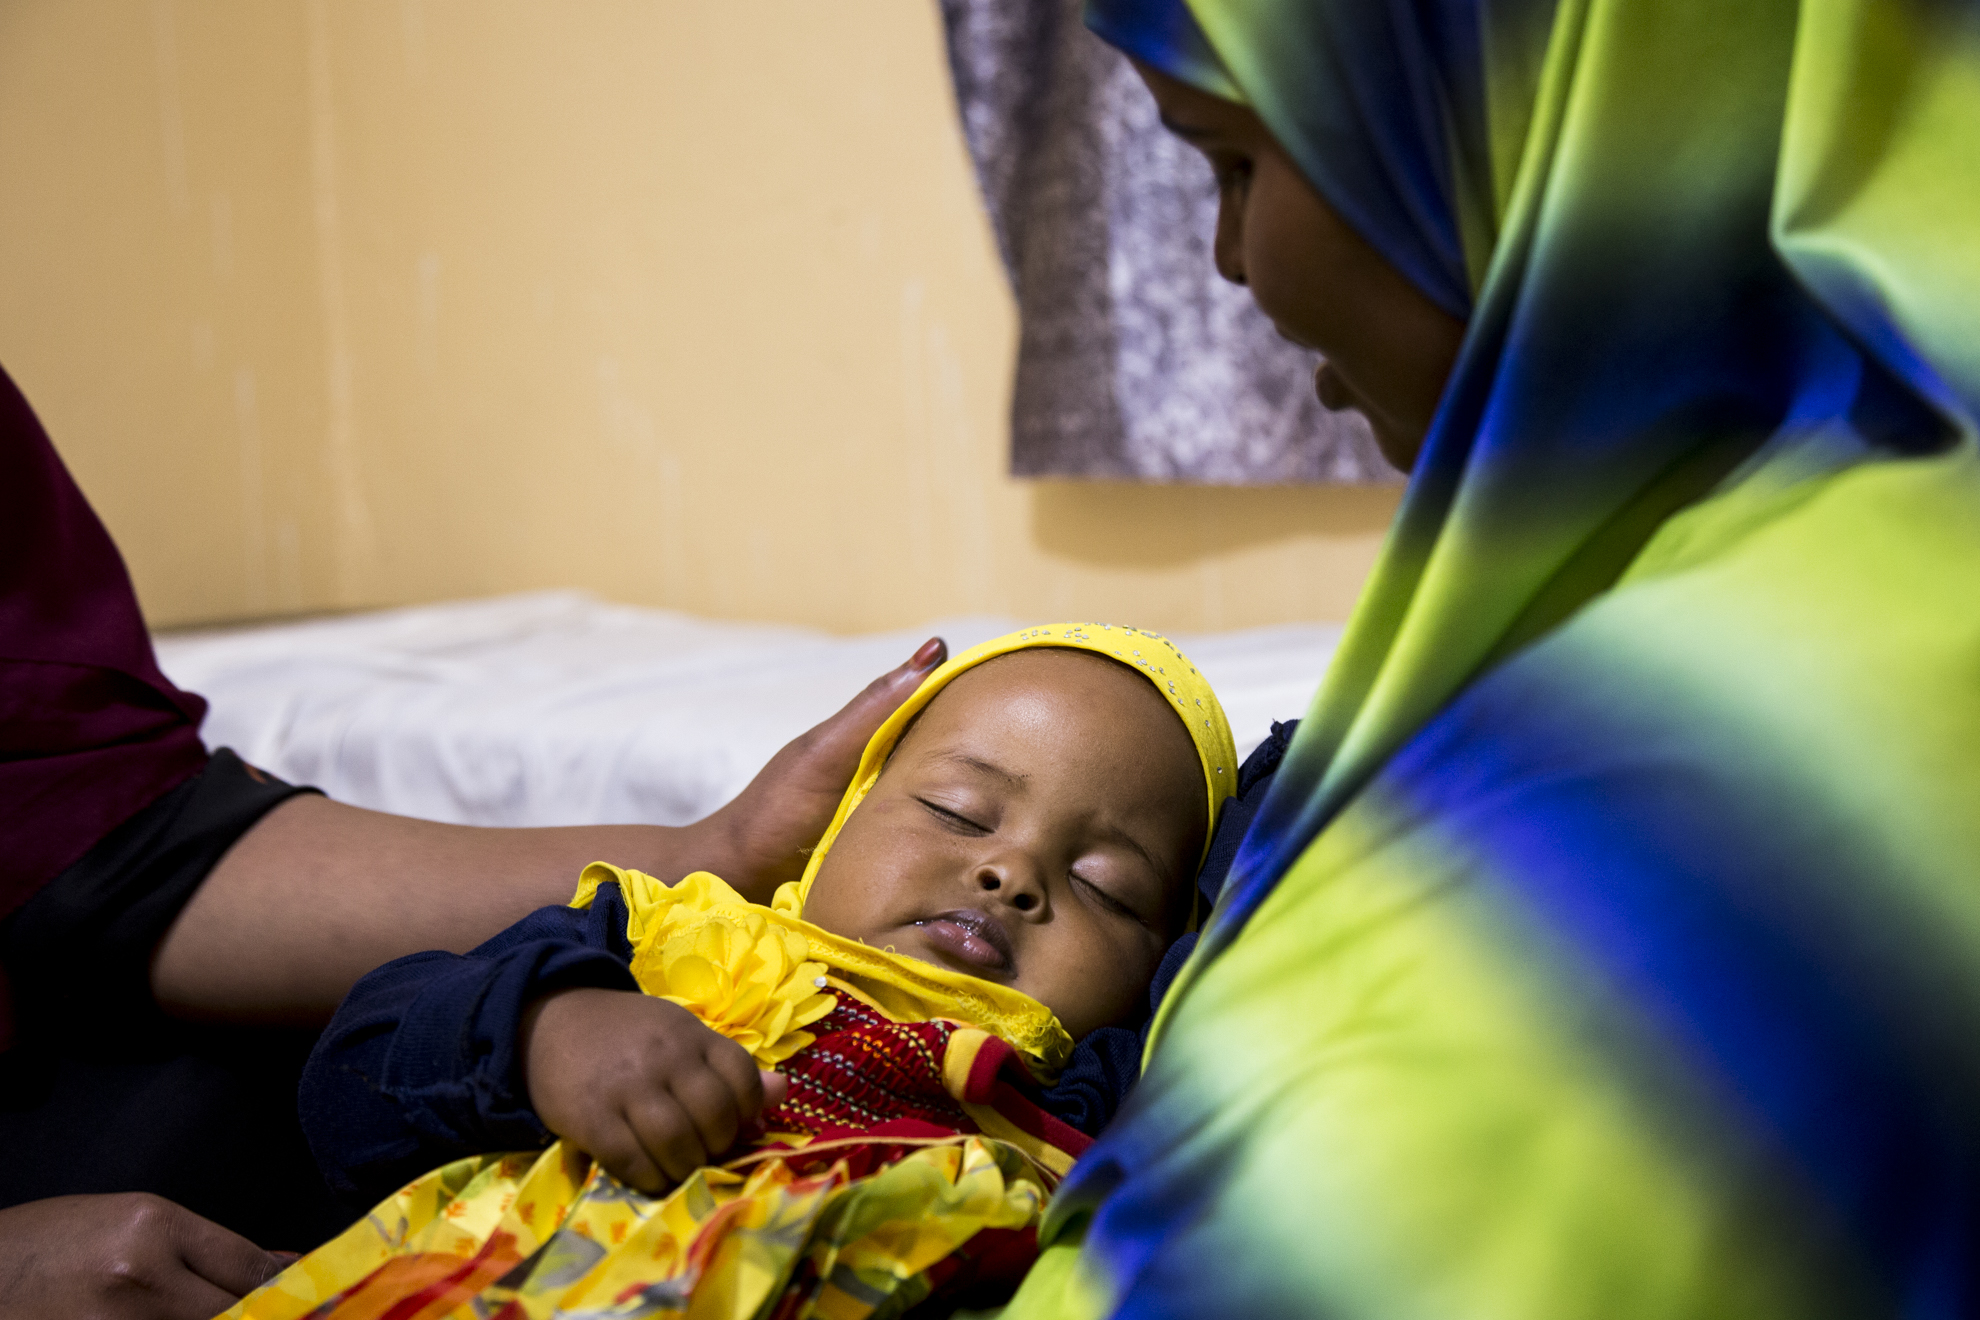 IPPF_Somaliland_ZFlood-7325_009.jpg